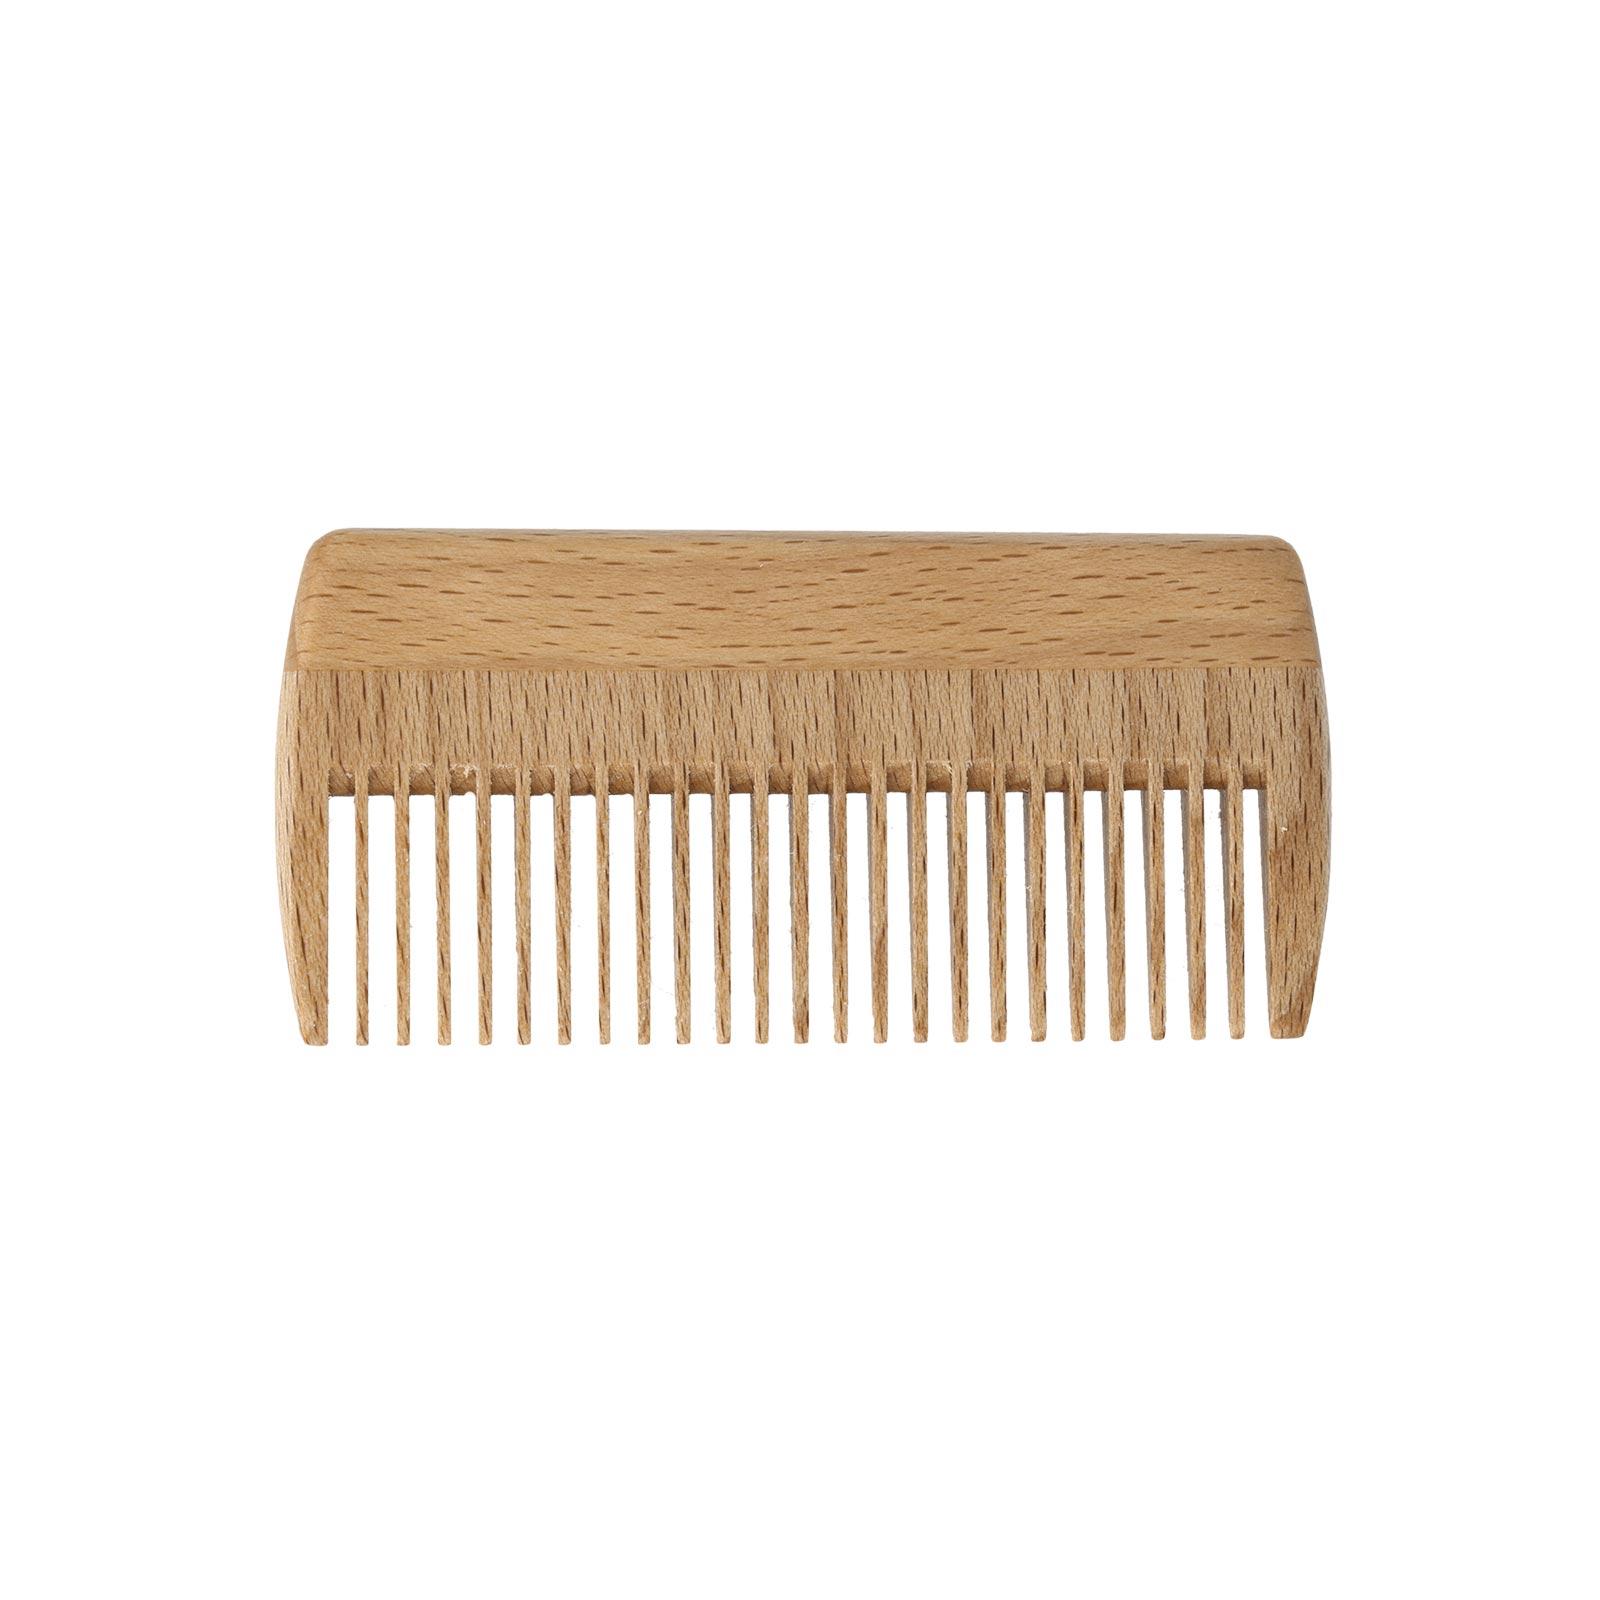 Peine de madera de haya para barba y bigote - PureNature 02e52fb76bab